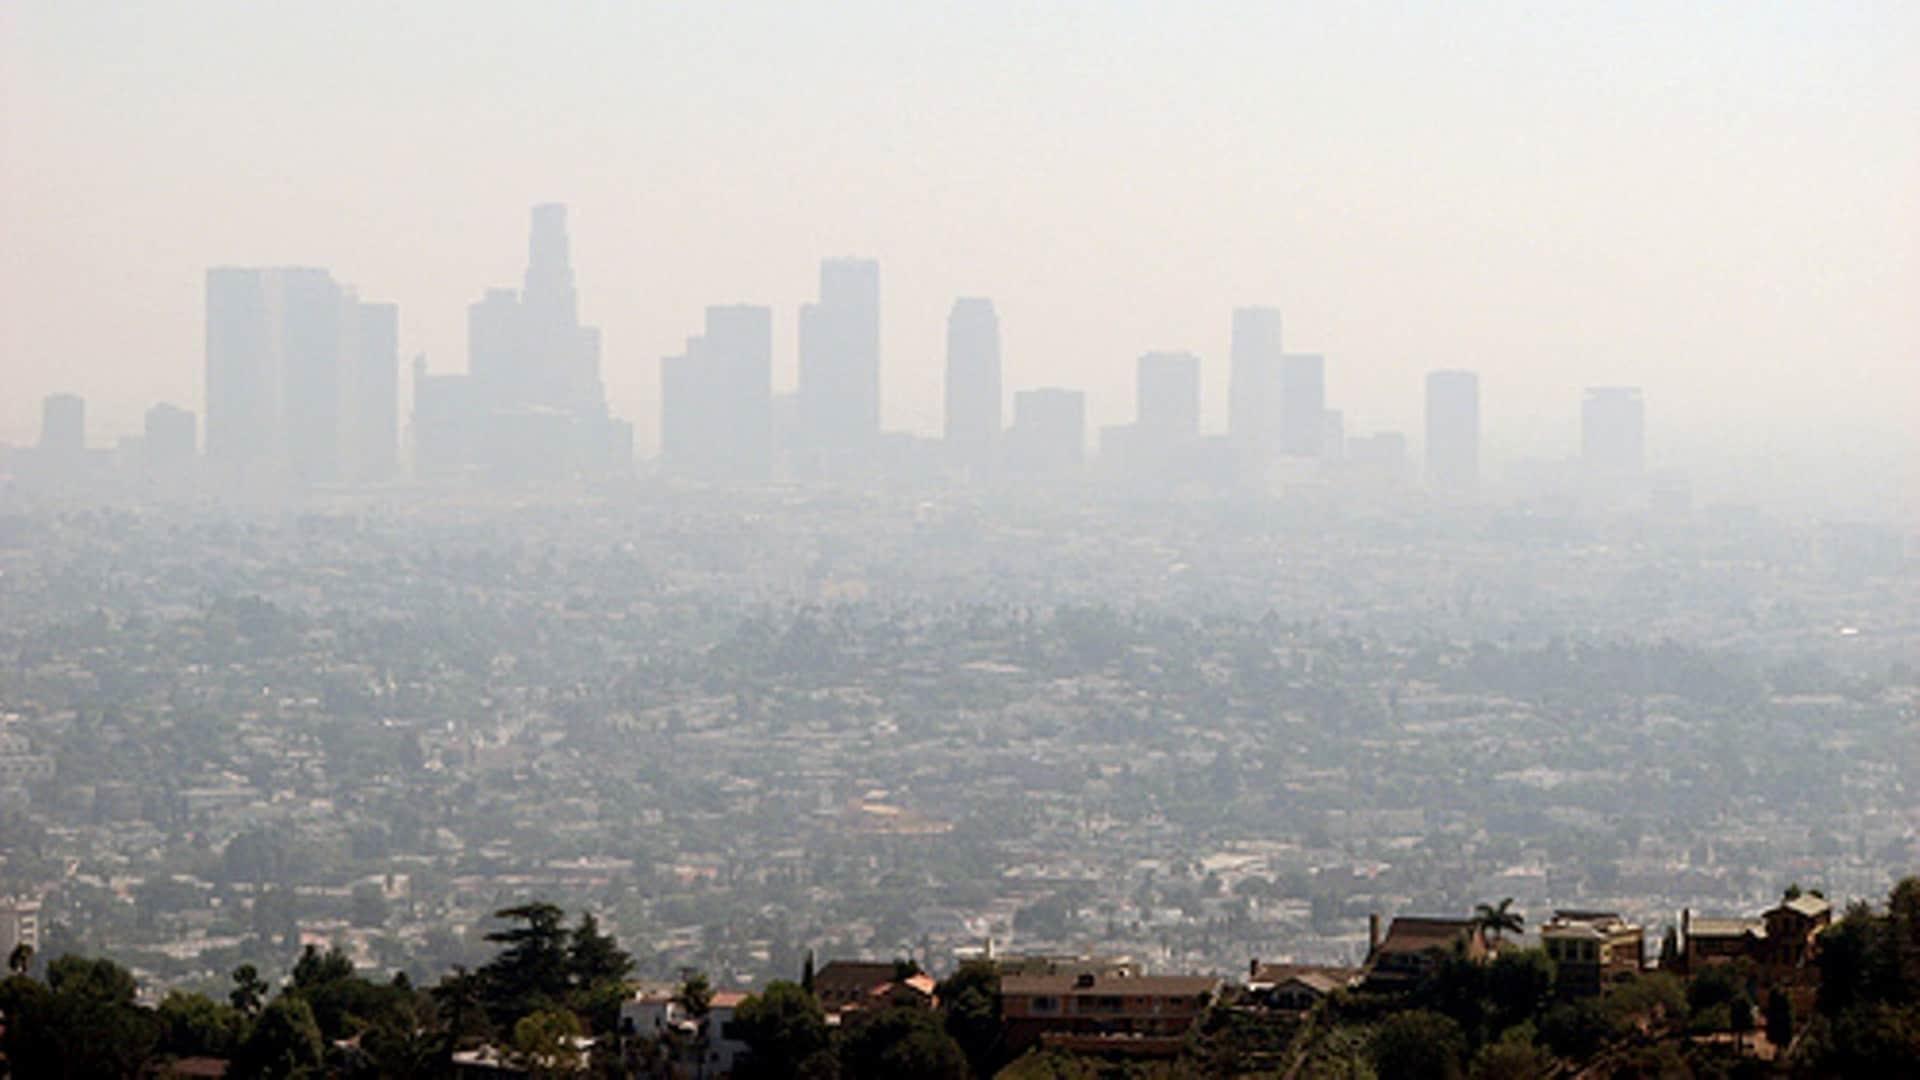 آلودگی هوا باعث حاد شدن بیماری کرونا در افراد با زمینه بیماری تنفسی میشود